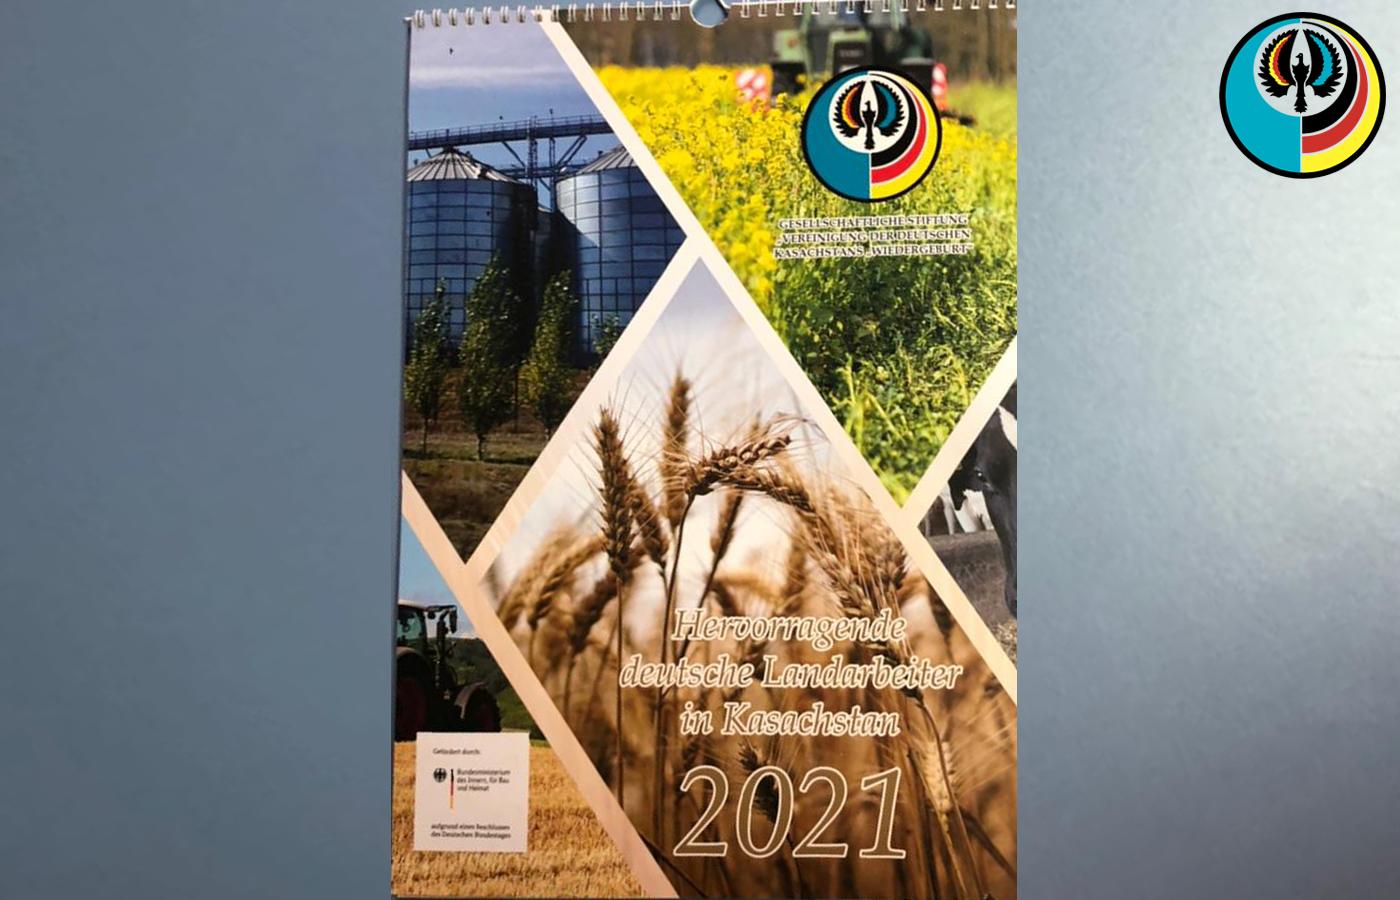 СМОТРИТЕ ВИДЕО: Откройте для себя календарь «Немцы-аграрии»!